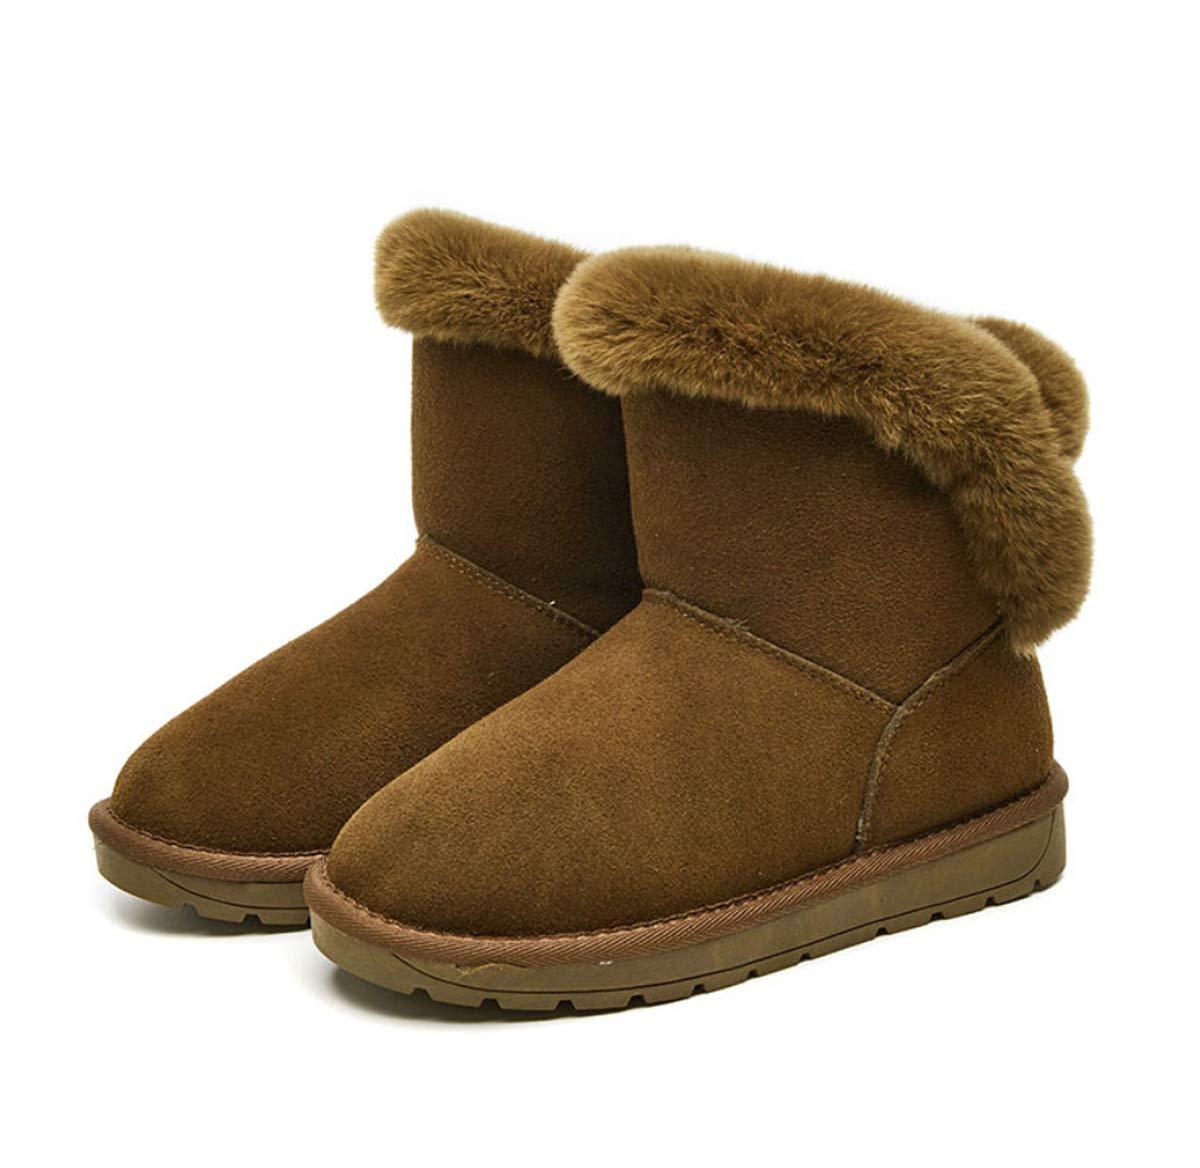 DANDANJIE Frauen Winter Schneeflocken Casual Warm Short Stiefel Non-Skid Ski Ankle Stiefel